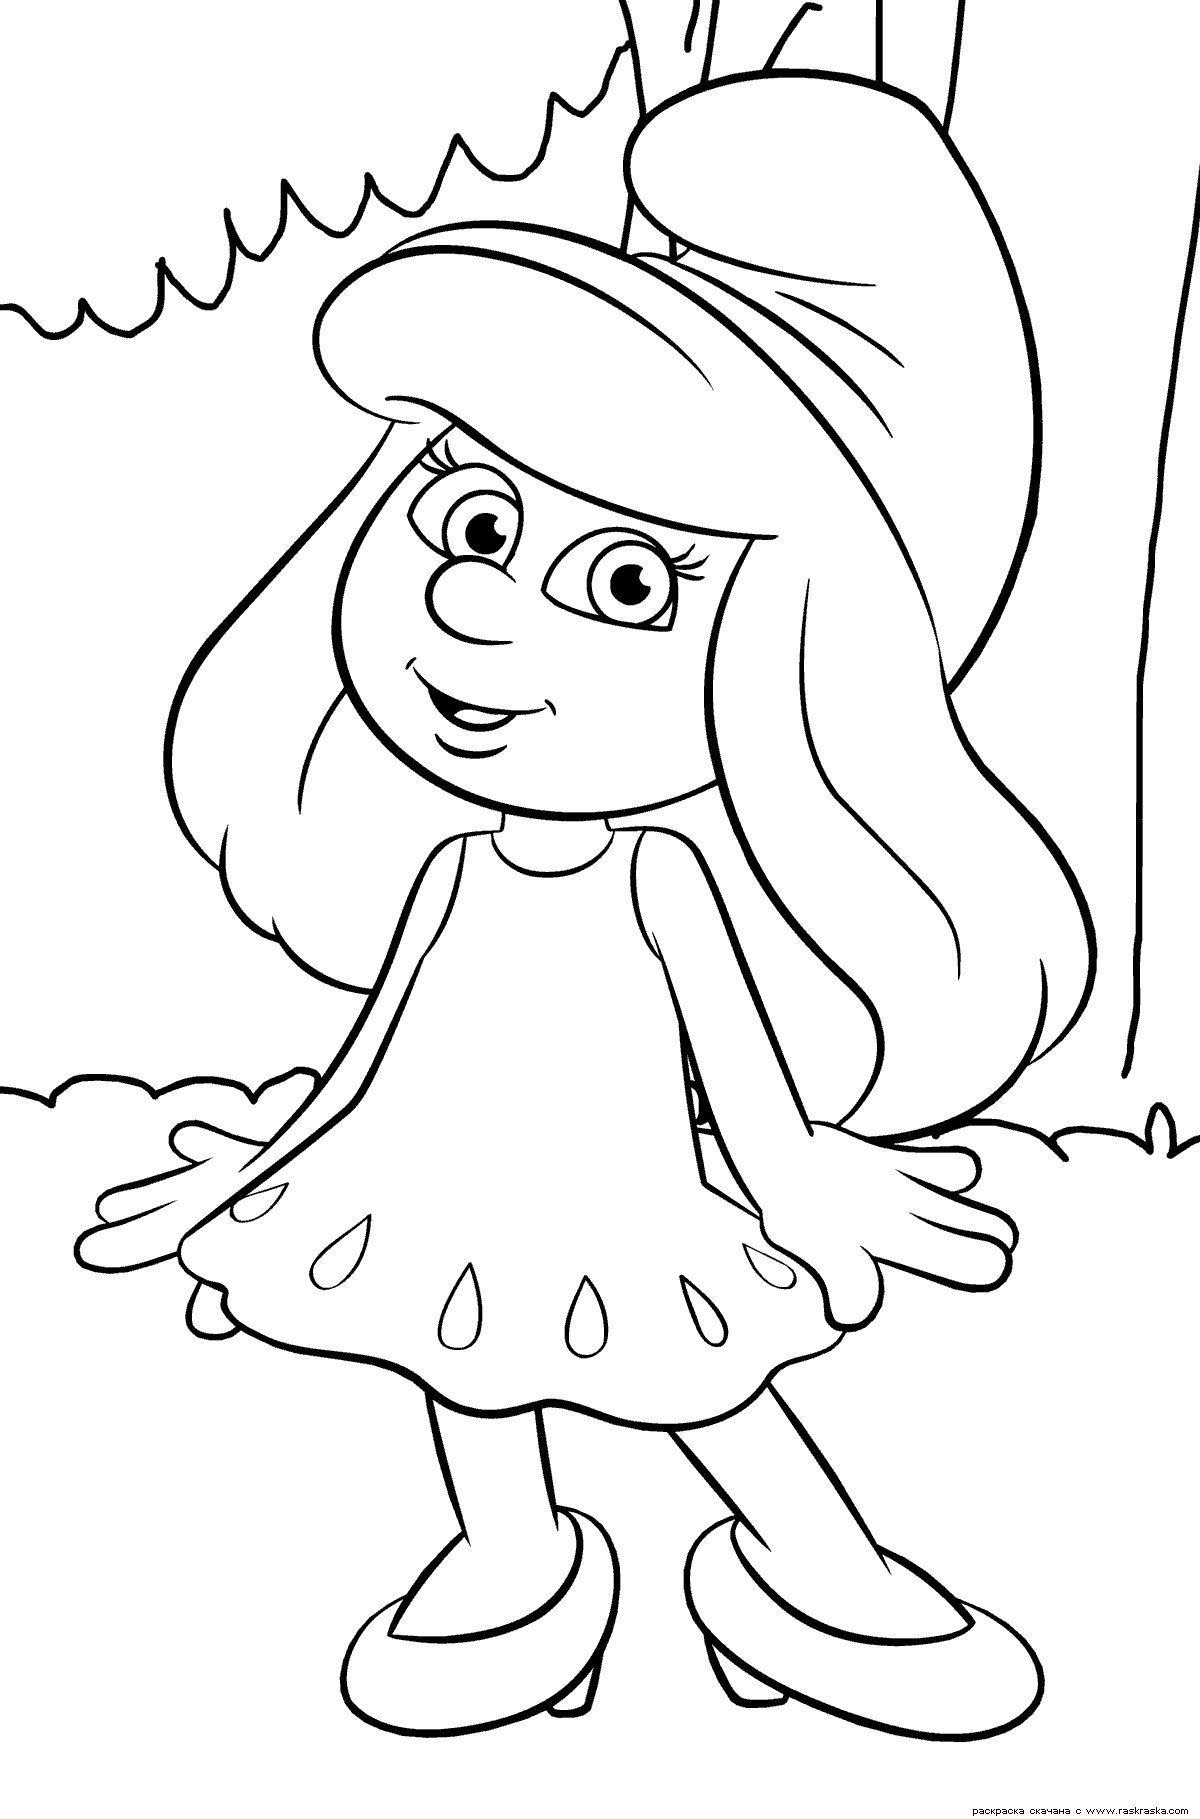 ร ปการ ต นระบายส ร ปวาดการ ต นเด กผ หญ งน าร กๆ ต วการ ต นจากด สน ย Smurfs Drawing Bear Coloring Pages Cartoon Coloring Pages